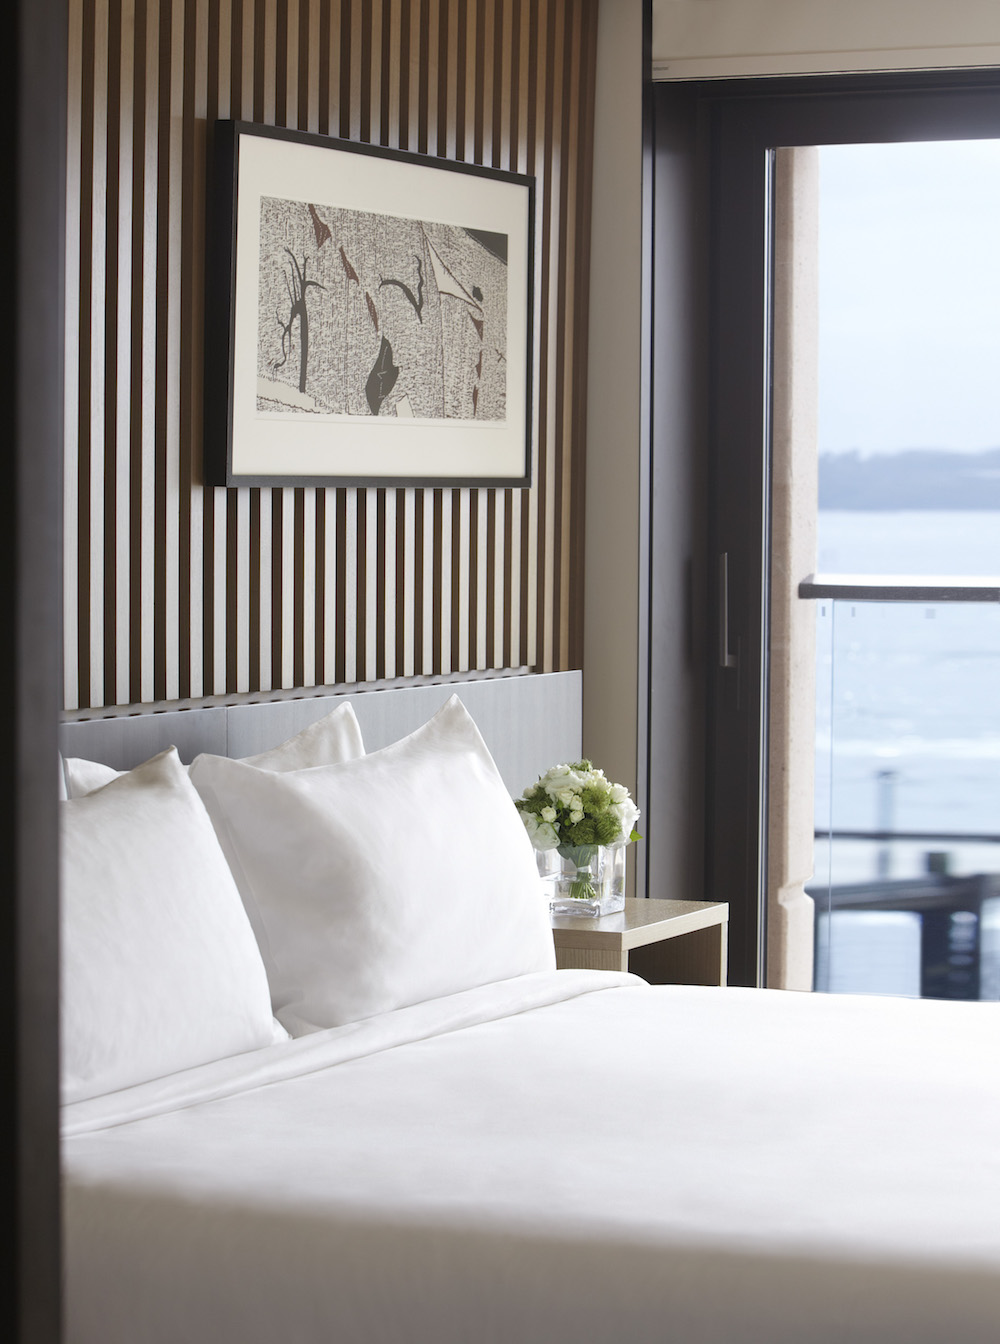 Harbourside King Opera Deluxe Room at Park Hyatt Sydney Hotel